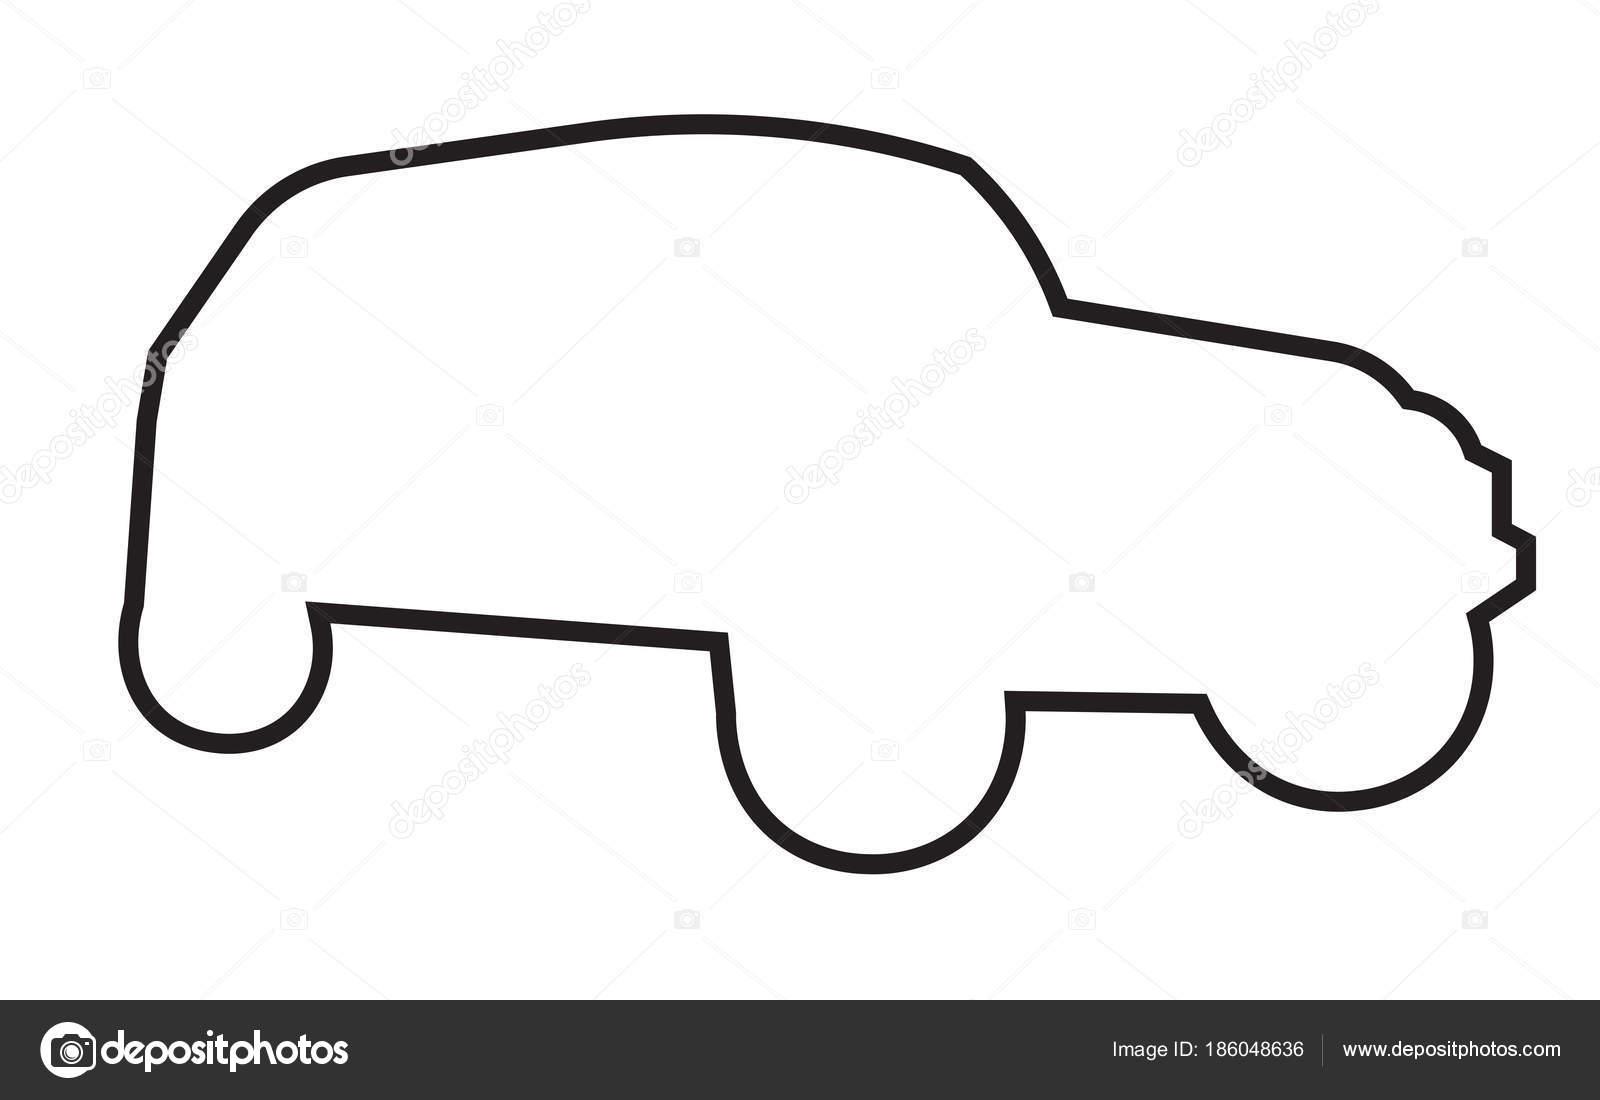 Jeep Wrangler Silhouette Umriss Auf Weißem Hintergrund Stockvektor